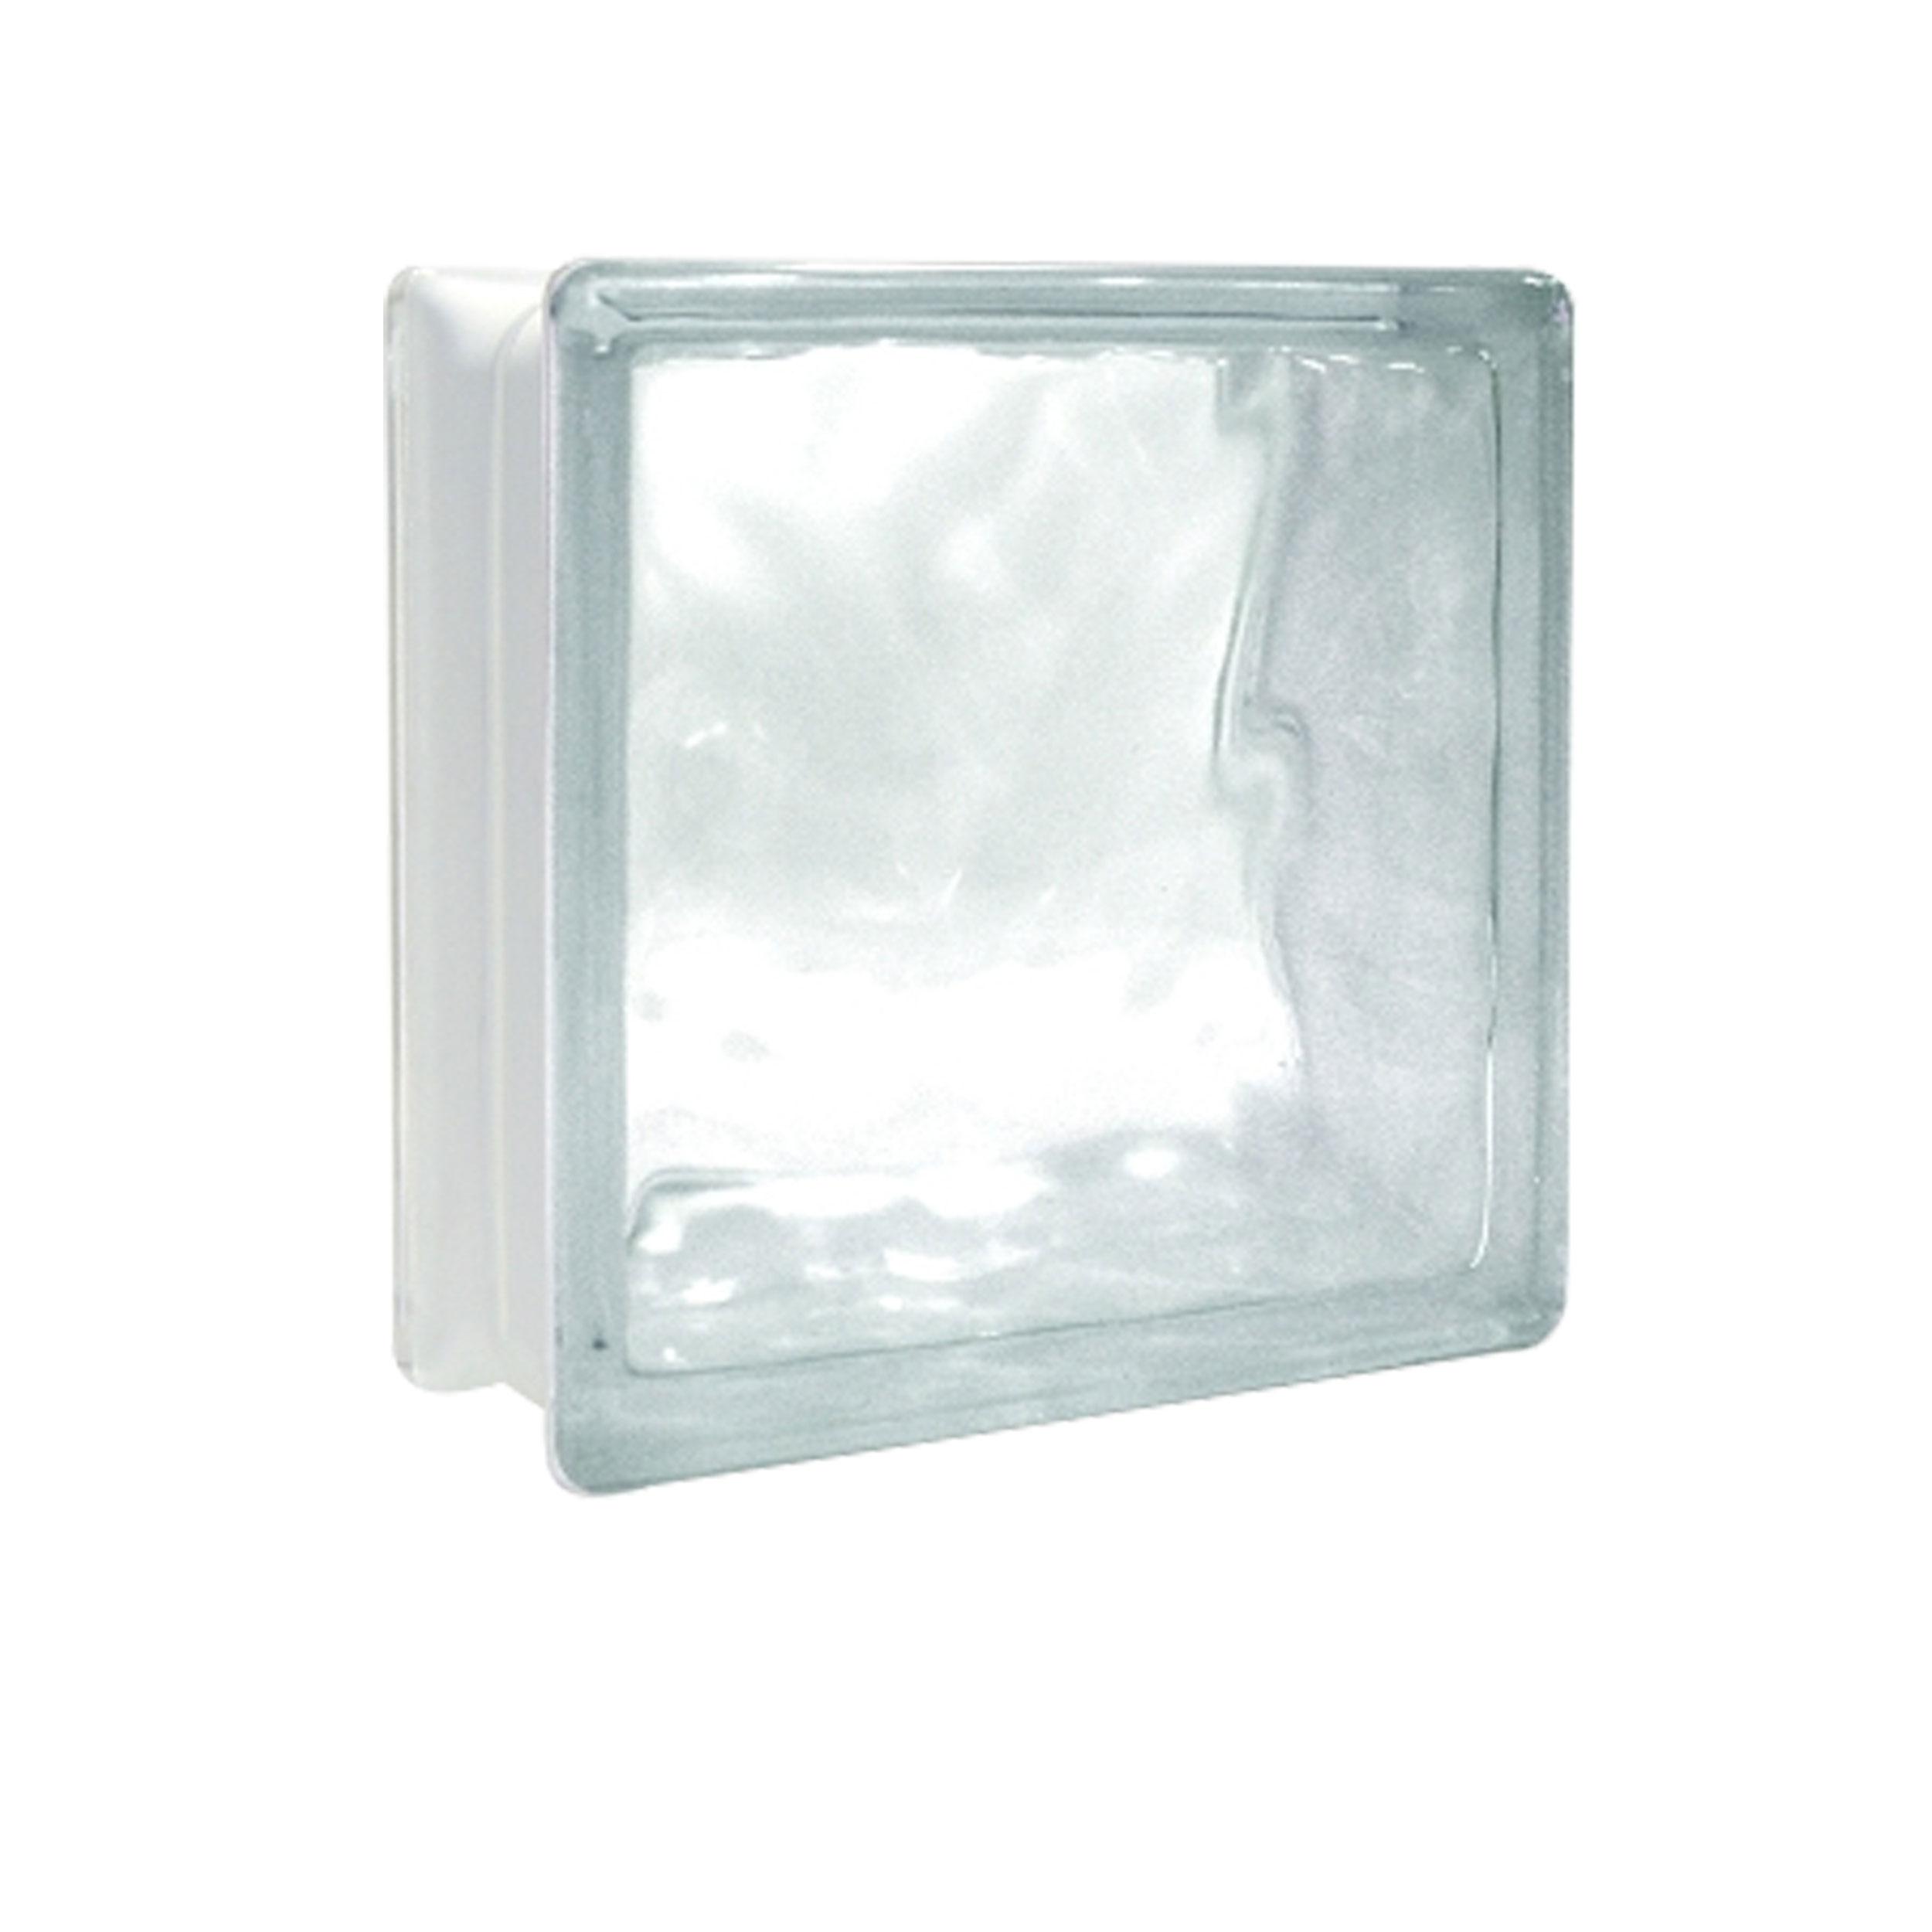 บล็อคแก้ว พริ้วแก้ว Ice